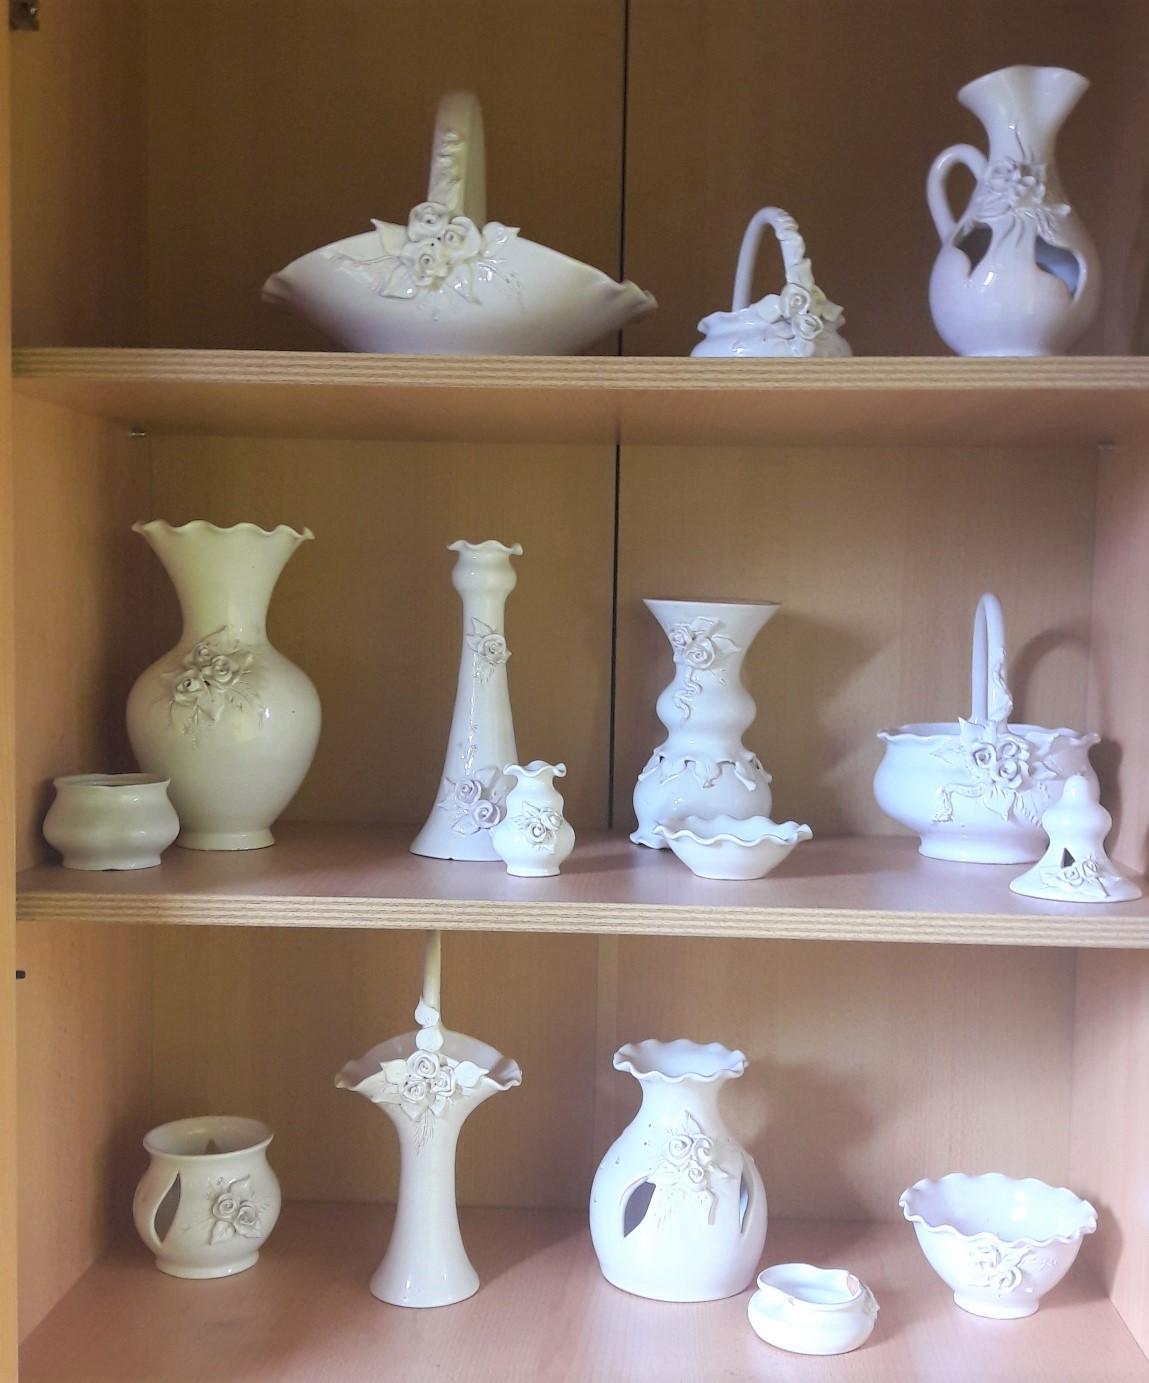 Predám súpravu keramiky - Obrázok č. 1